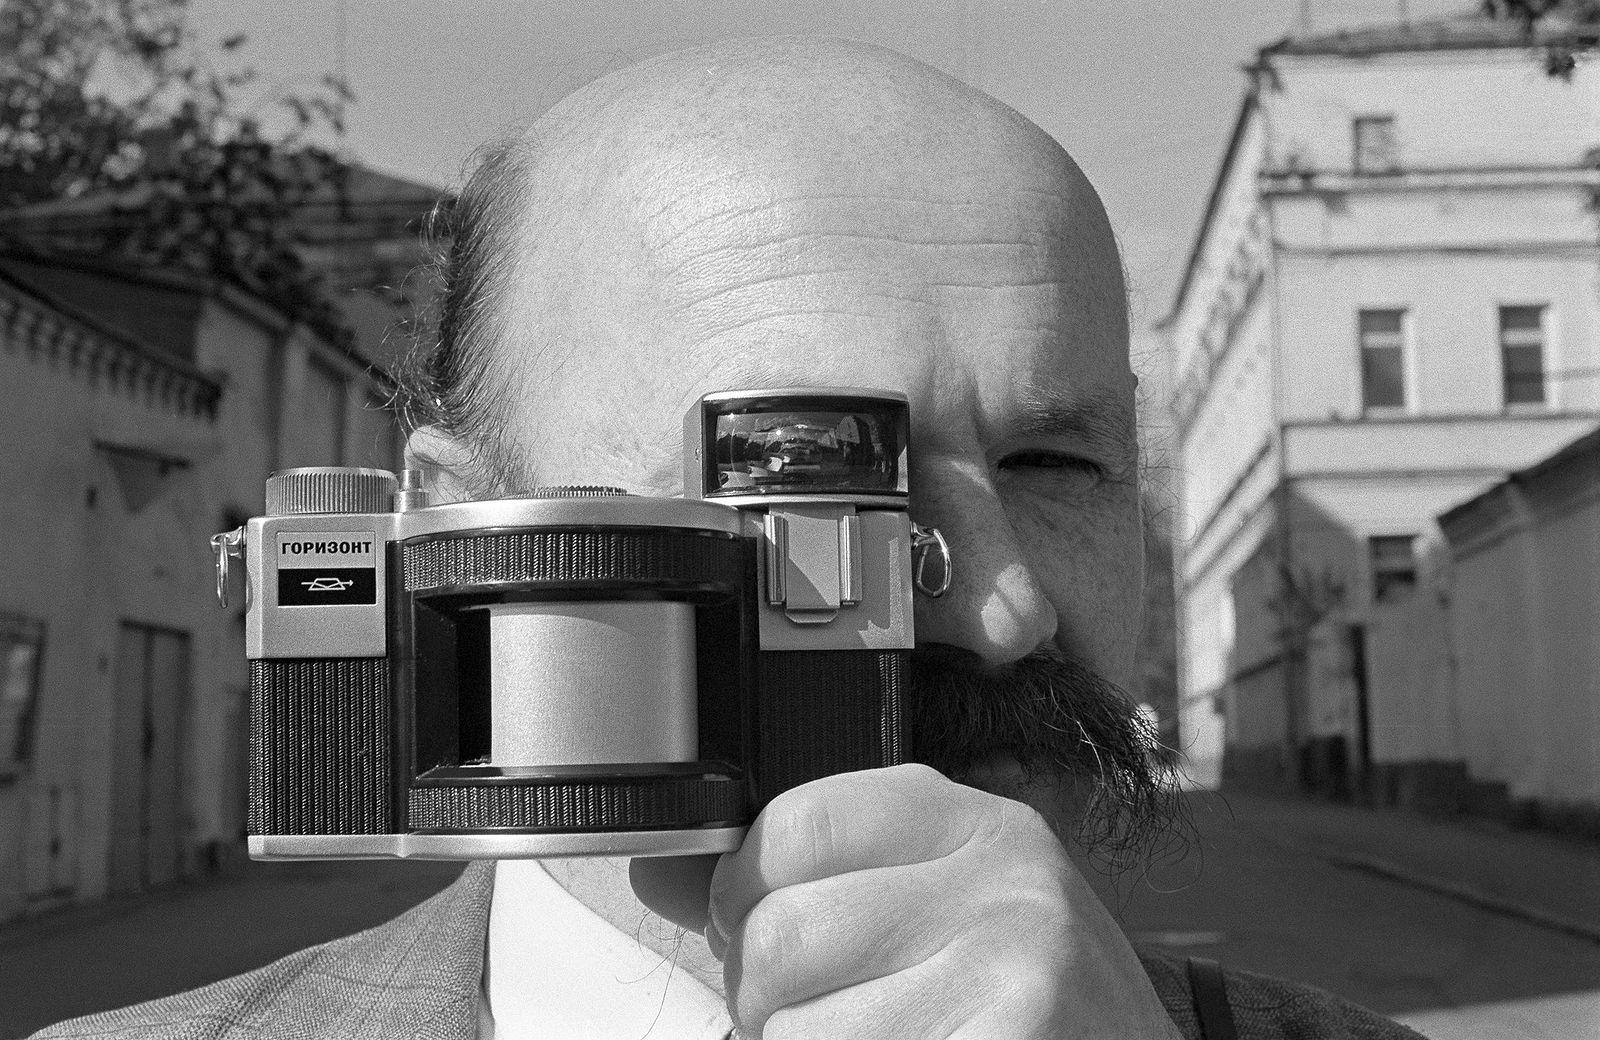 Андрей Безукладников. Портреты. Фотограф Александр Слюсарев. 1988